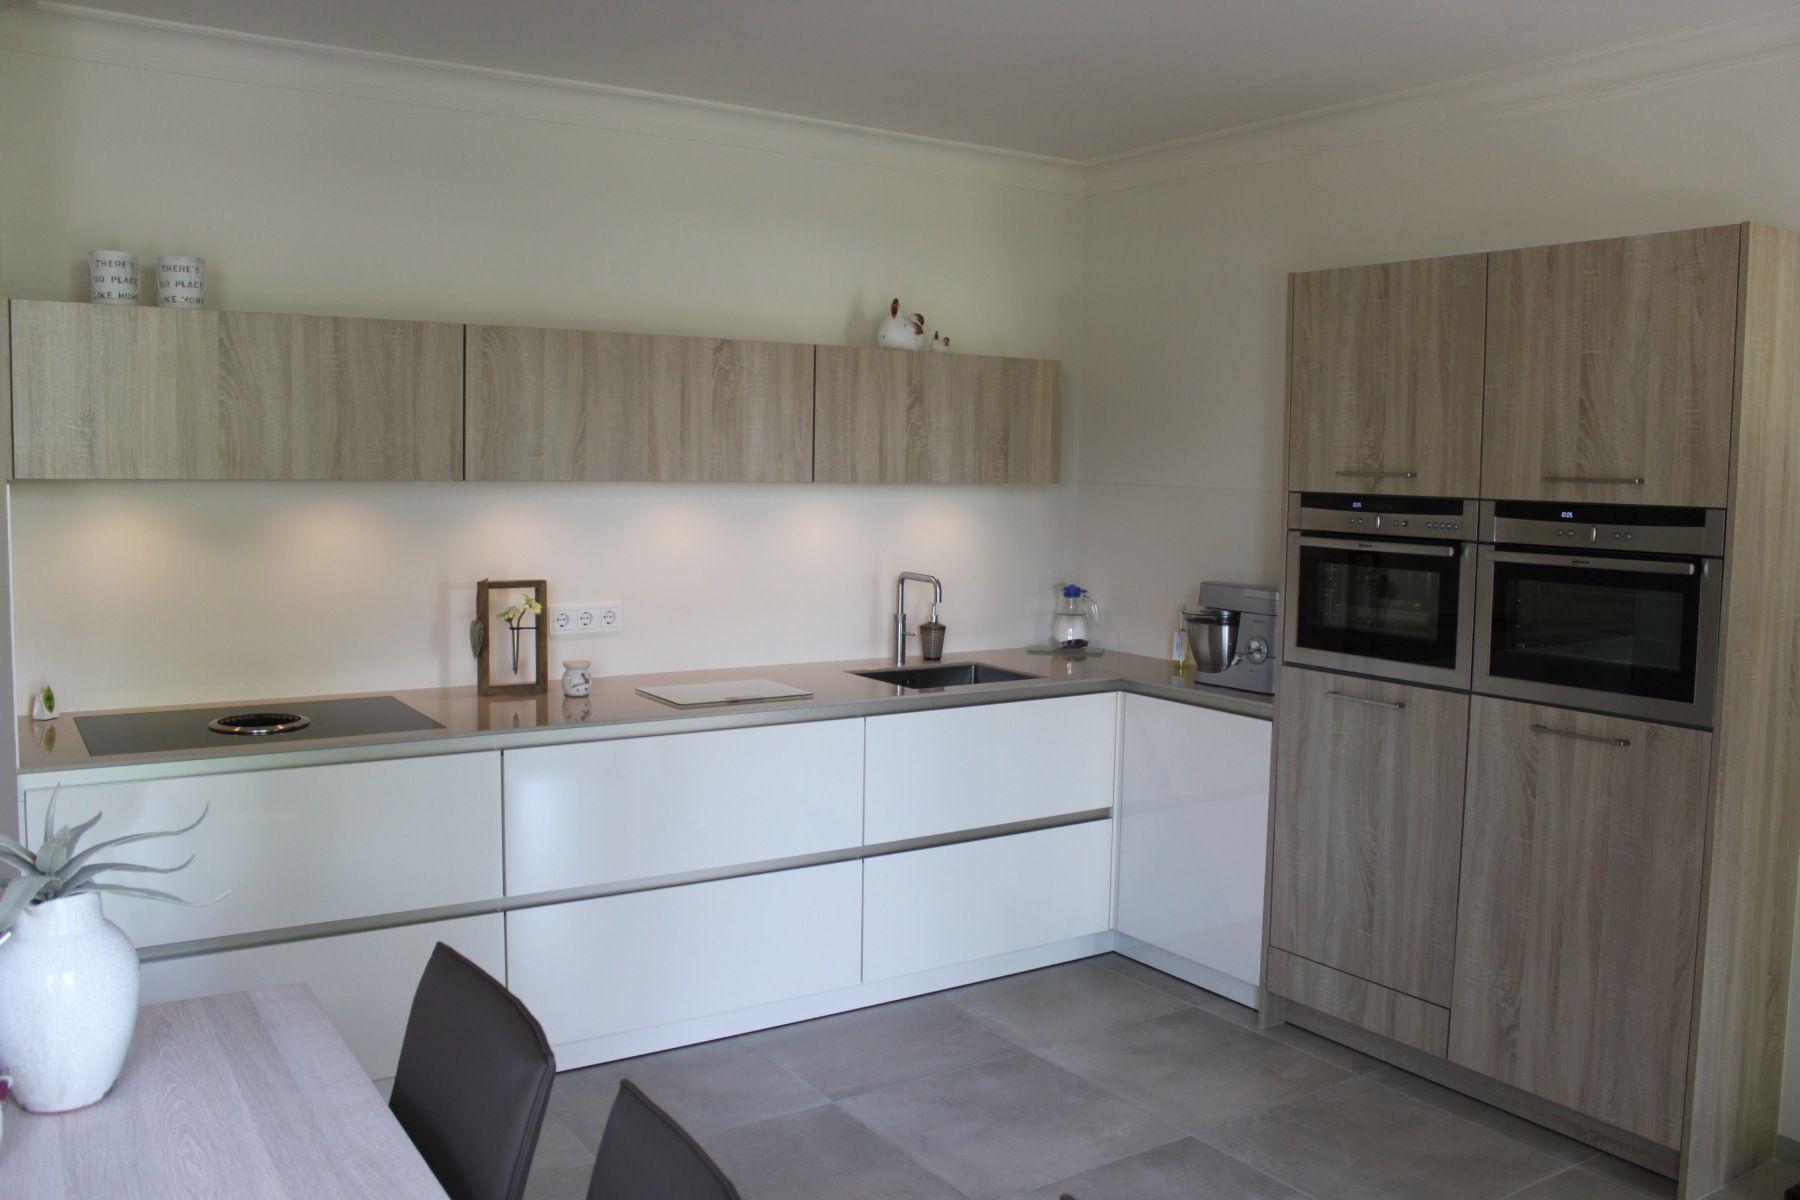 Grijze Keukens Voorbeelden : Referenties en voorbeelden van keukens en badkamers bij klanten